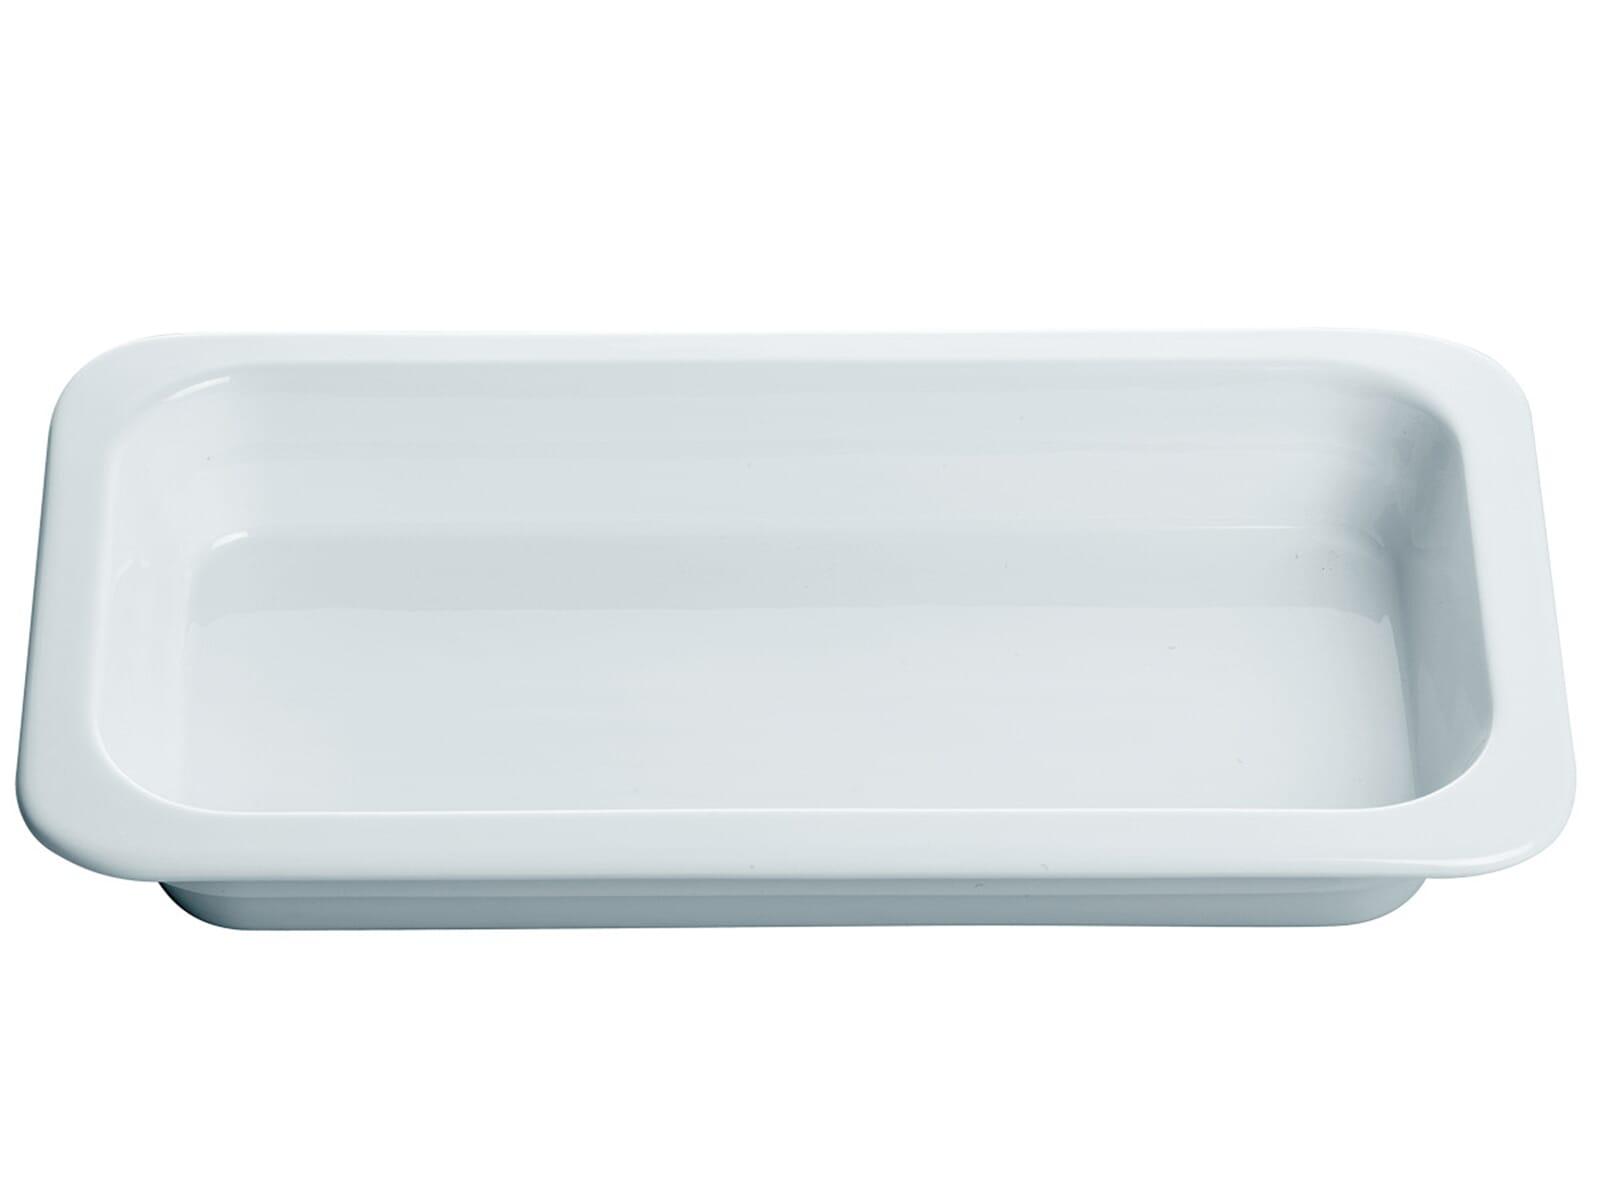 Bosch HEZ36D153P Porzellan-Behälter-GN1/3-ungelocht